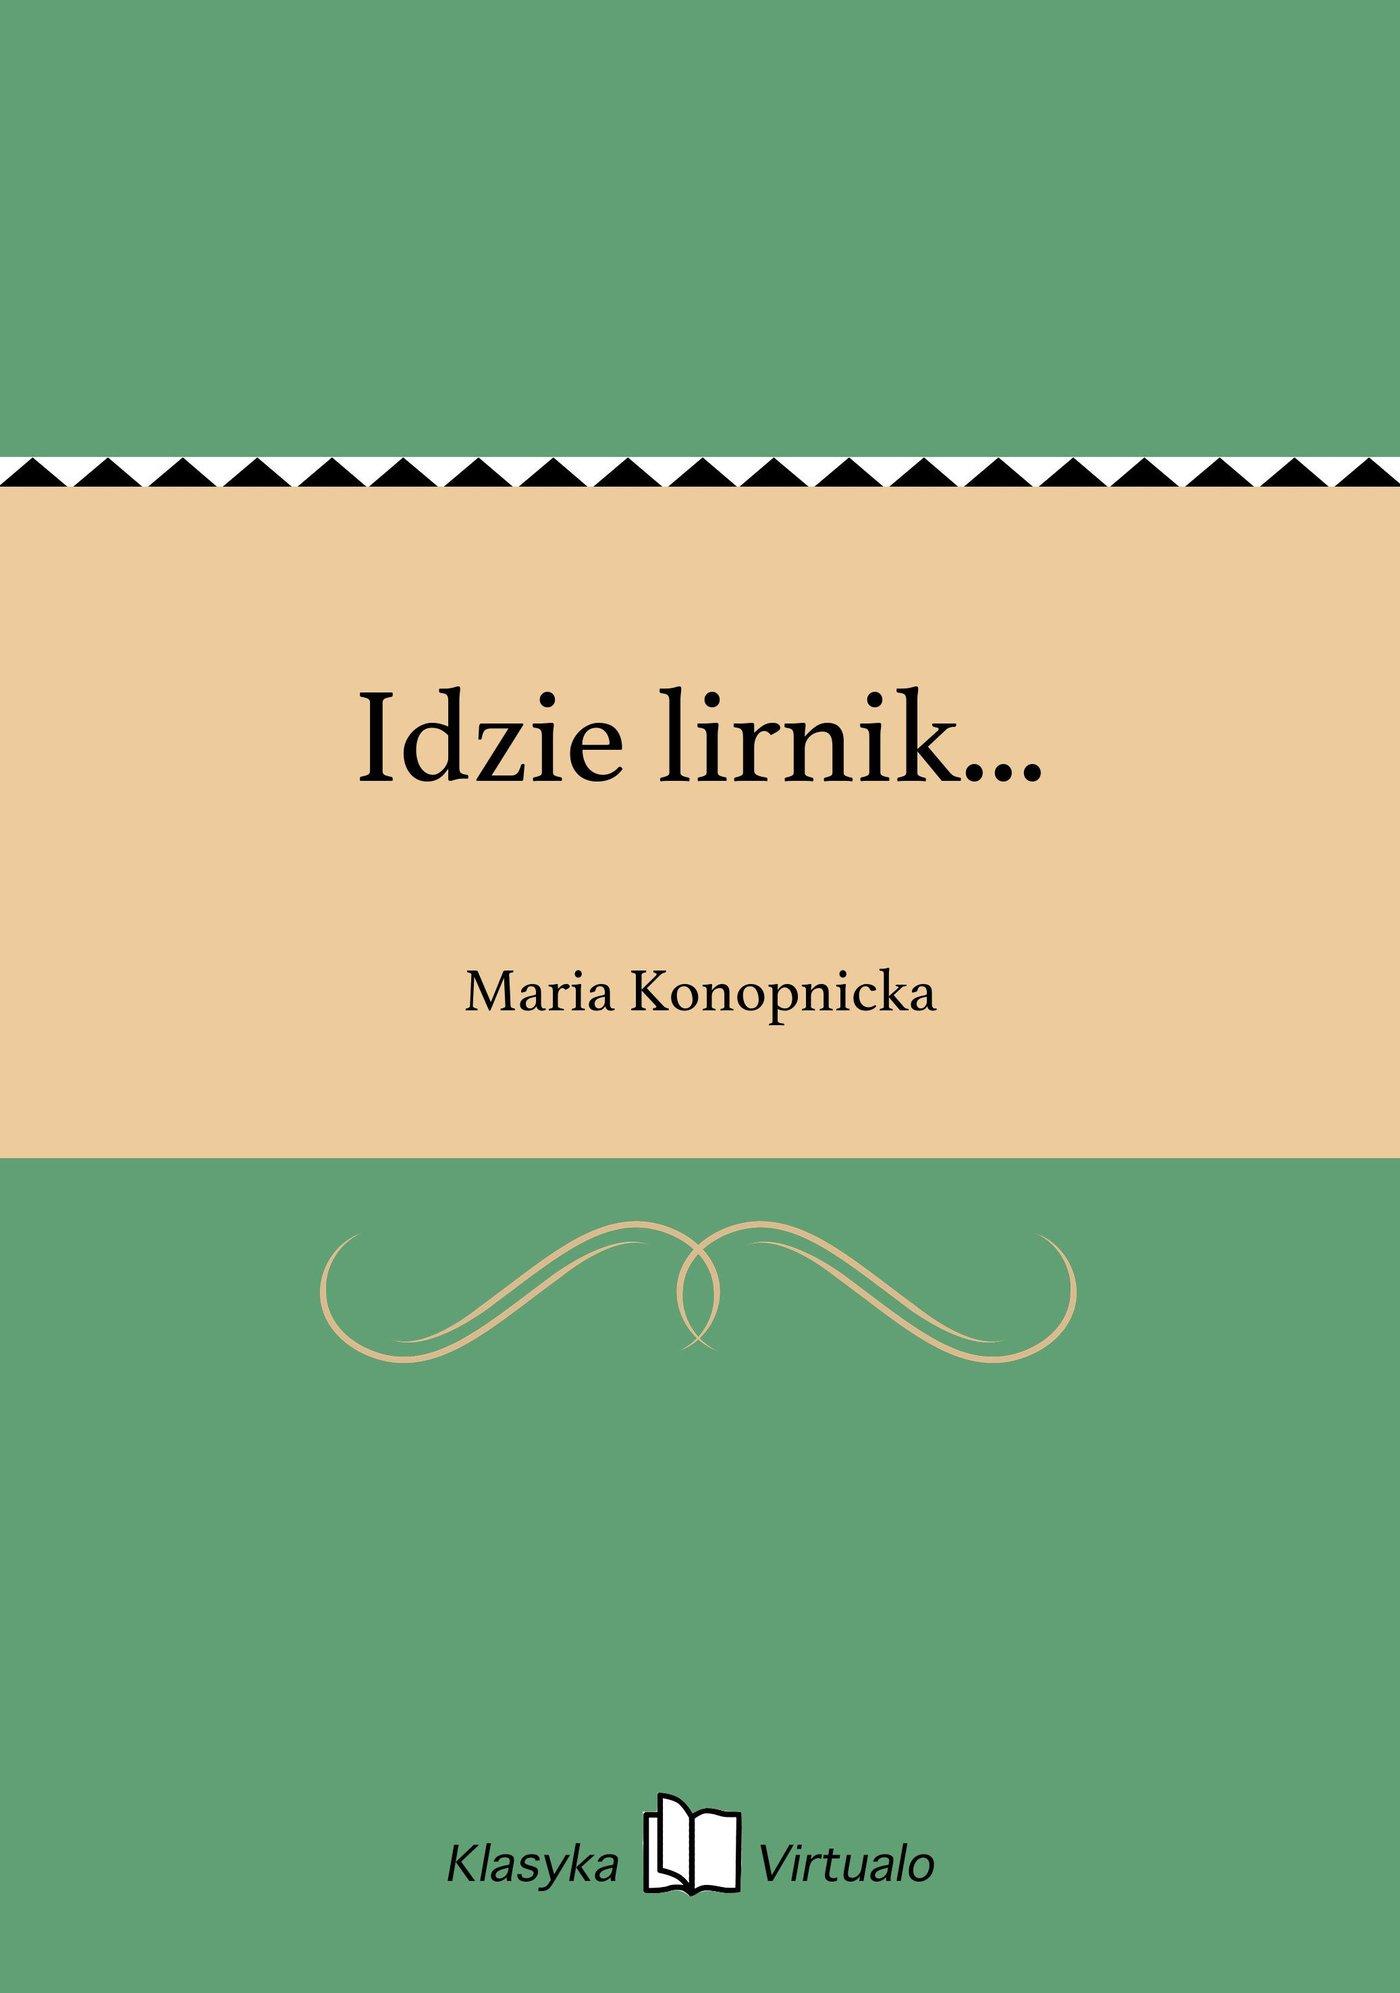 Idzie lirnik... - Ebook (Książka na Kindle) do pobrania w formacie MOBI